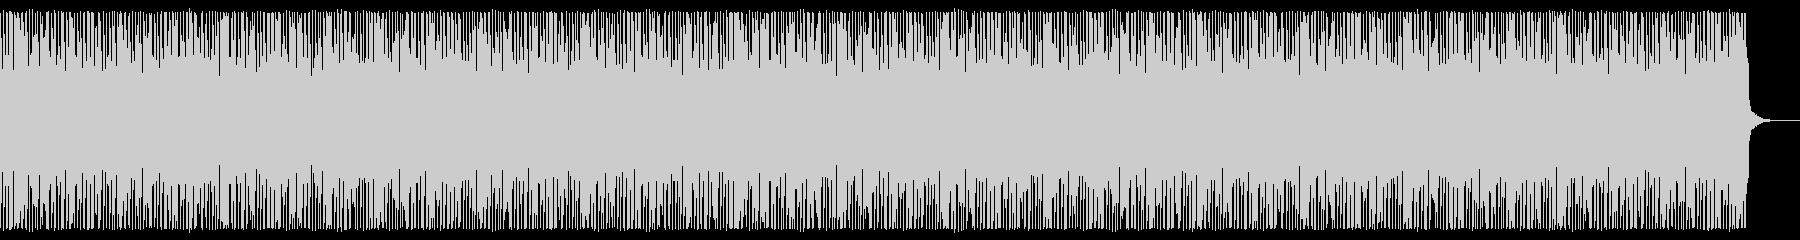 疾走 エレキギター 高速 スピード感の未再生の波形